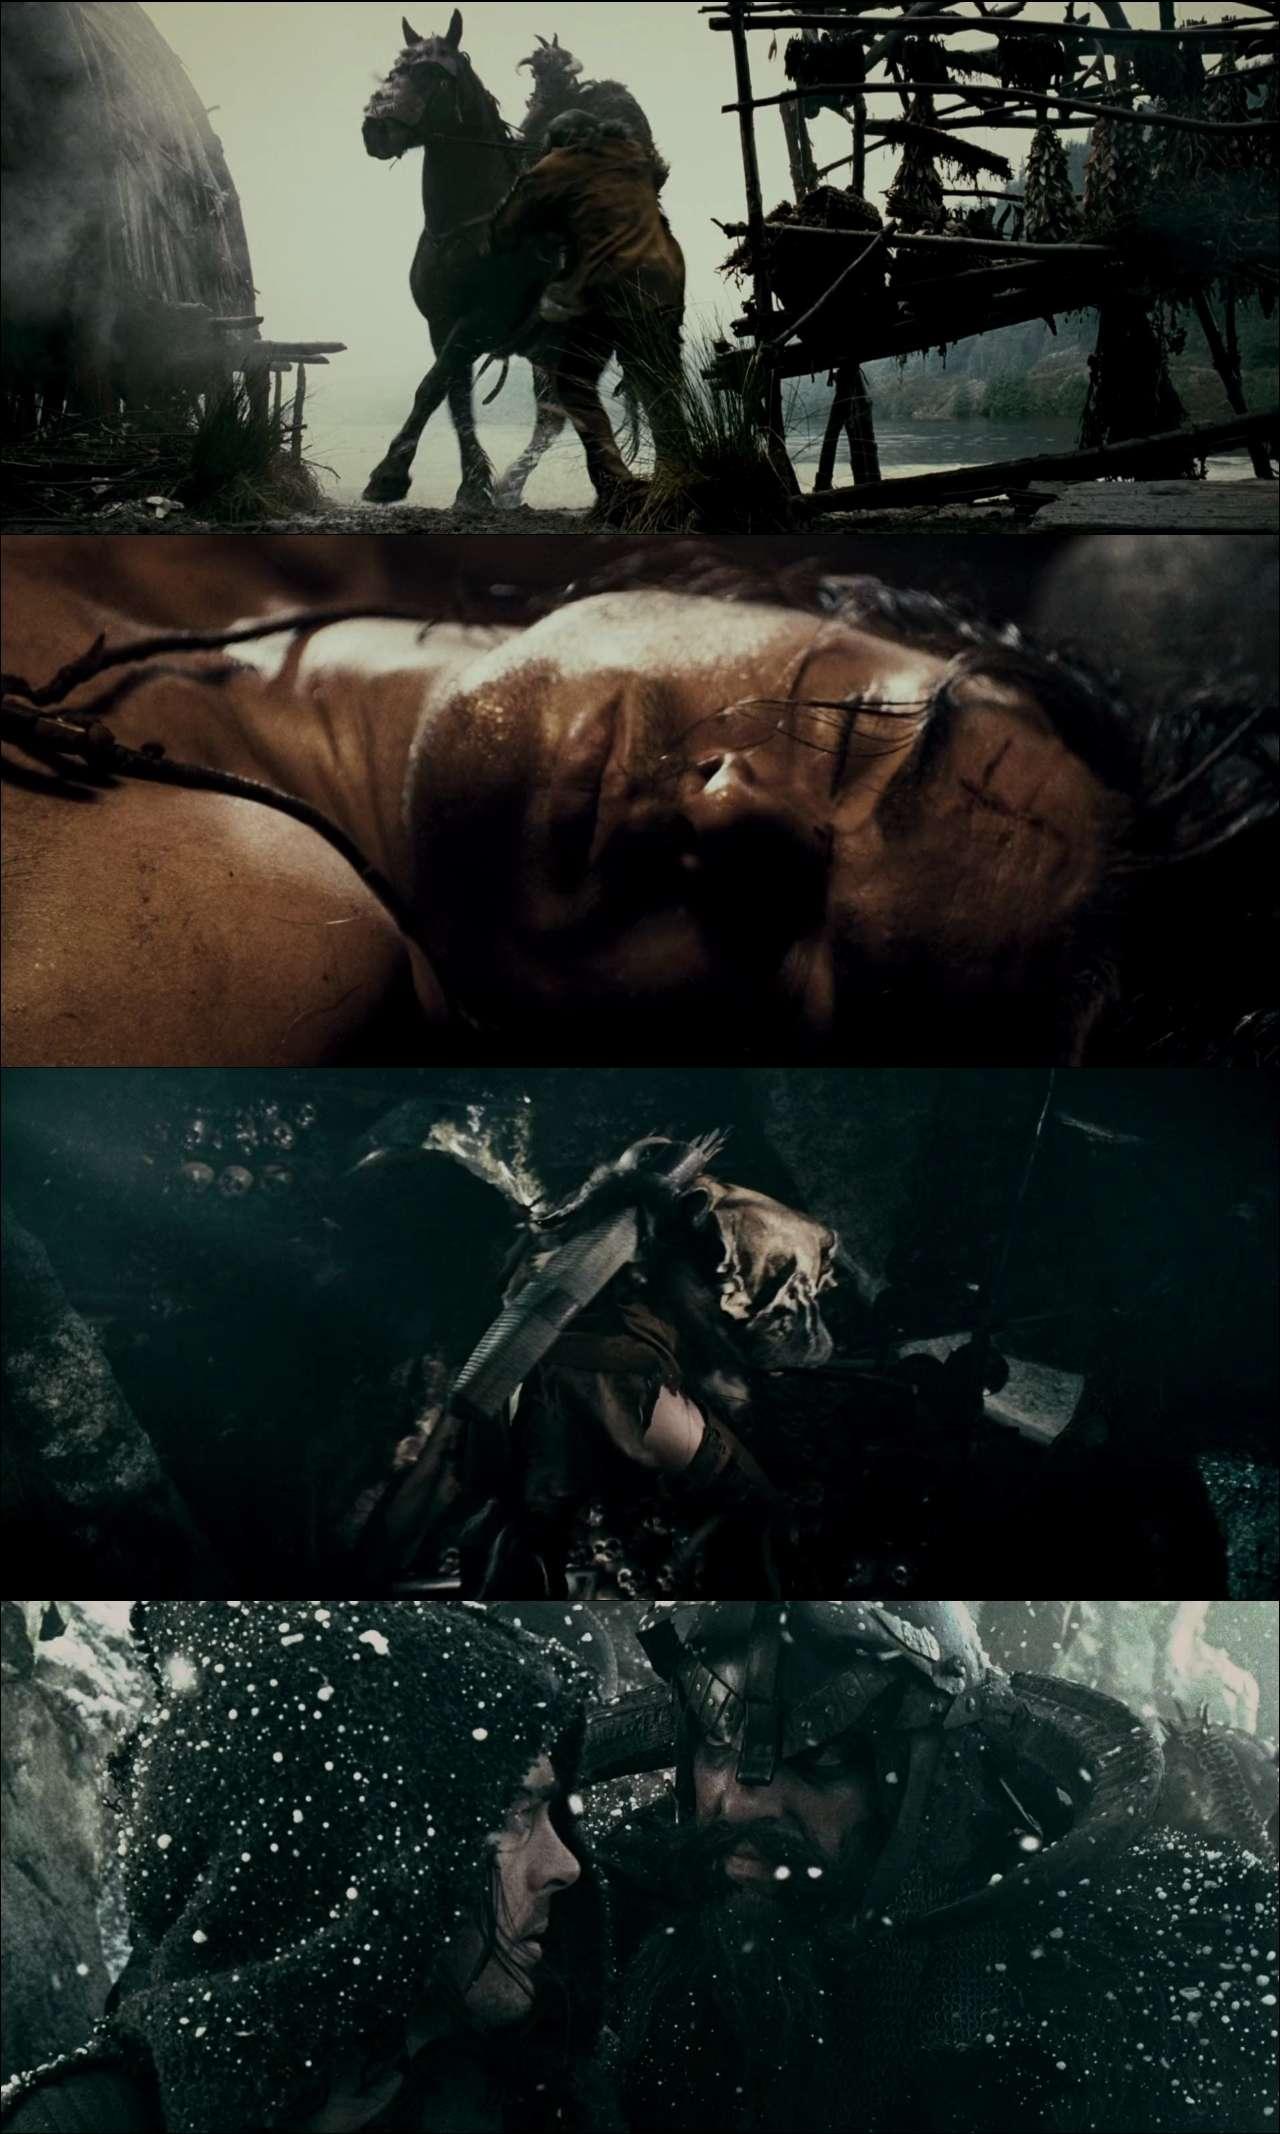 Kılavuz - Pathfinder (2007) full türkçe dublaj film indir